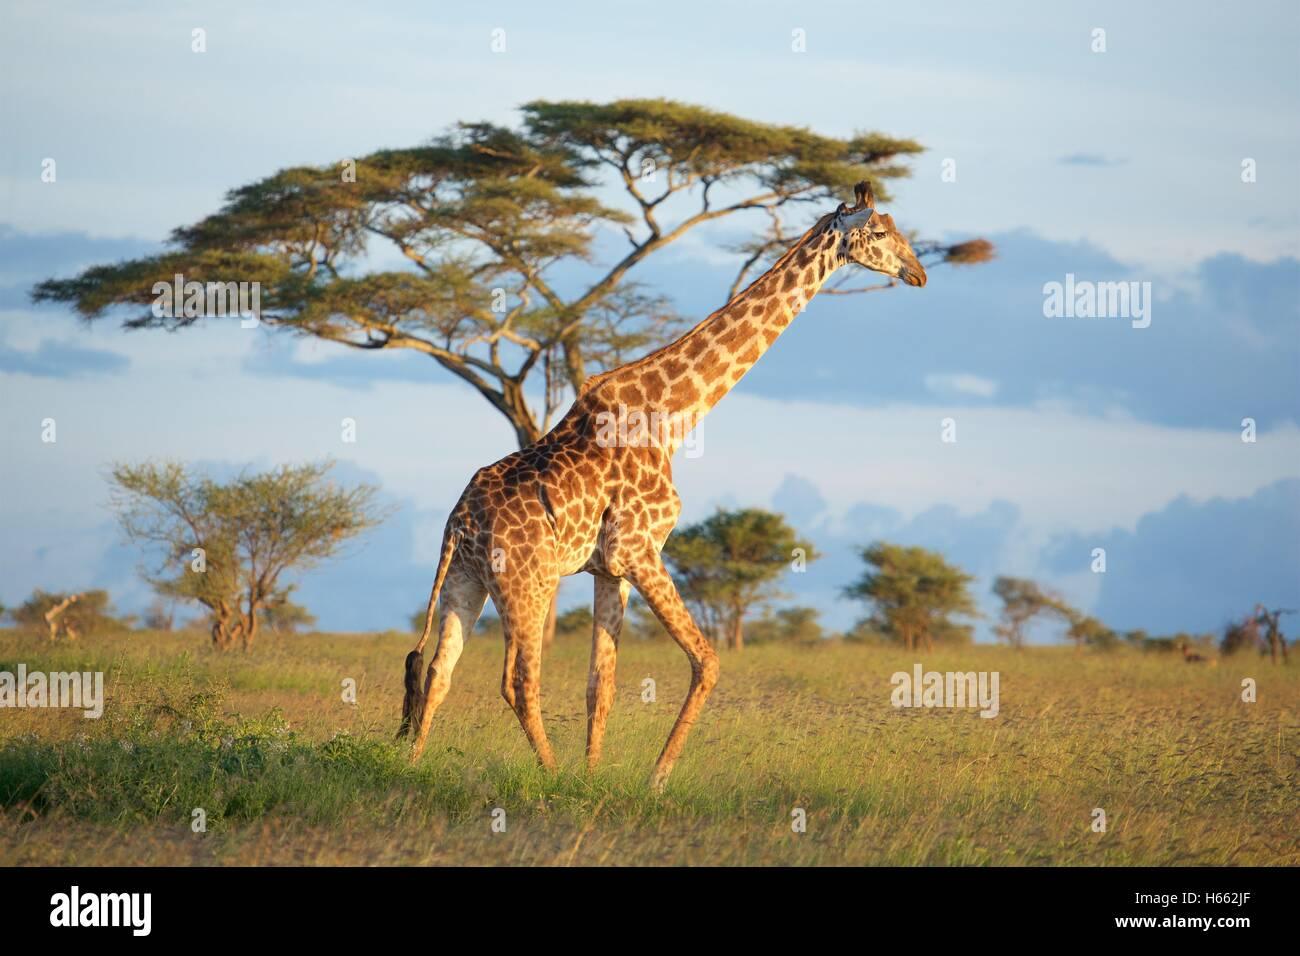 Ver jirafa salvaje en un safari en el Parque nacional Serengeti, Tanzania. Imagen De Stock